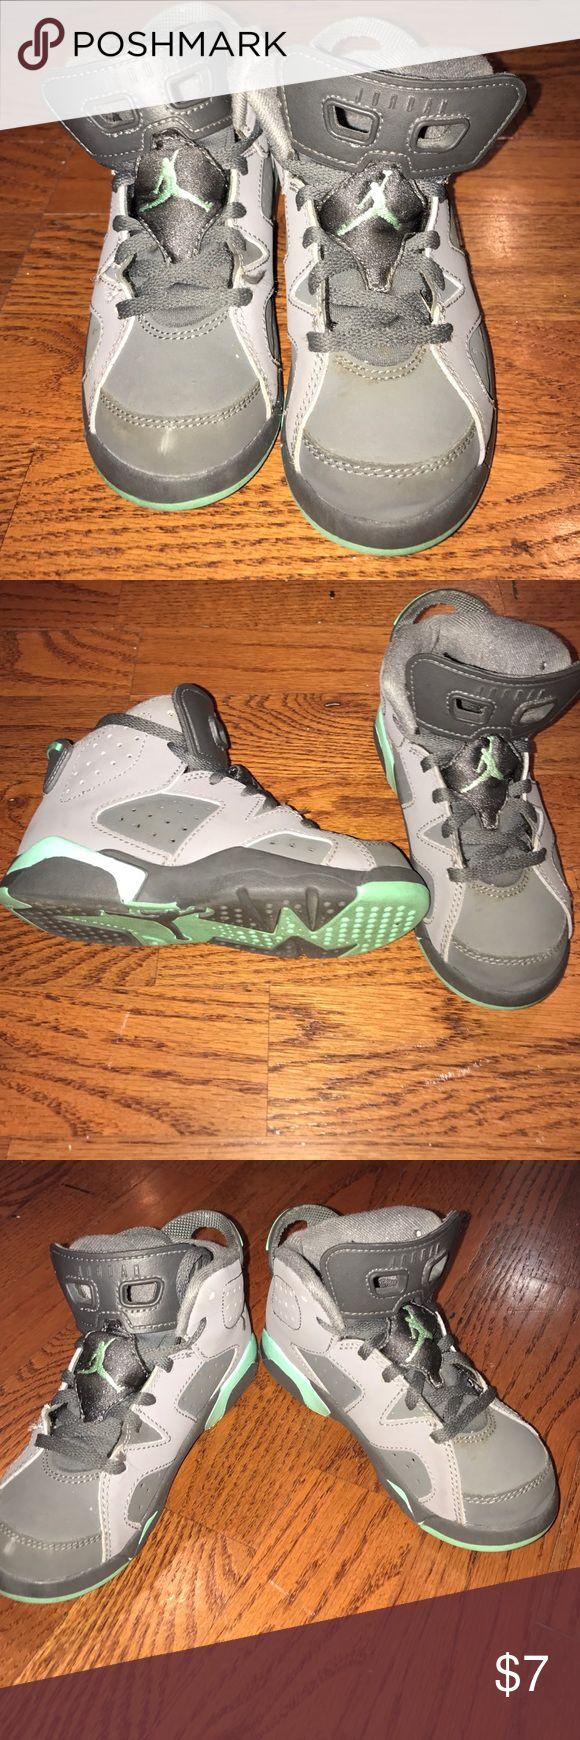 Kids Jordan 7's grey and turquoise Lightly worn toddler size 11 Jordans Jordan Shoes Sneakers